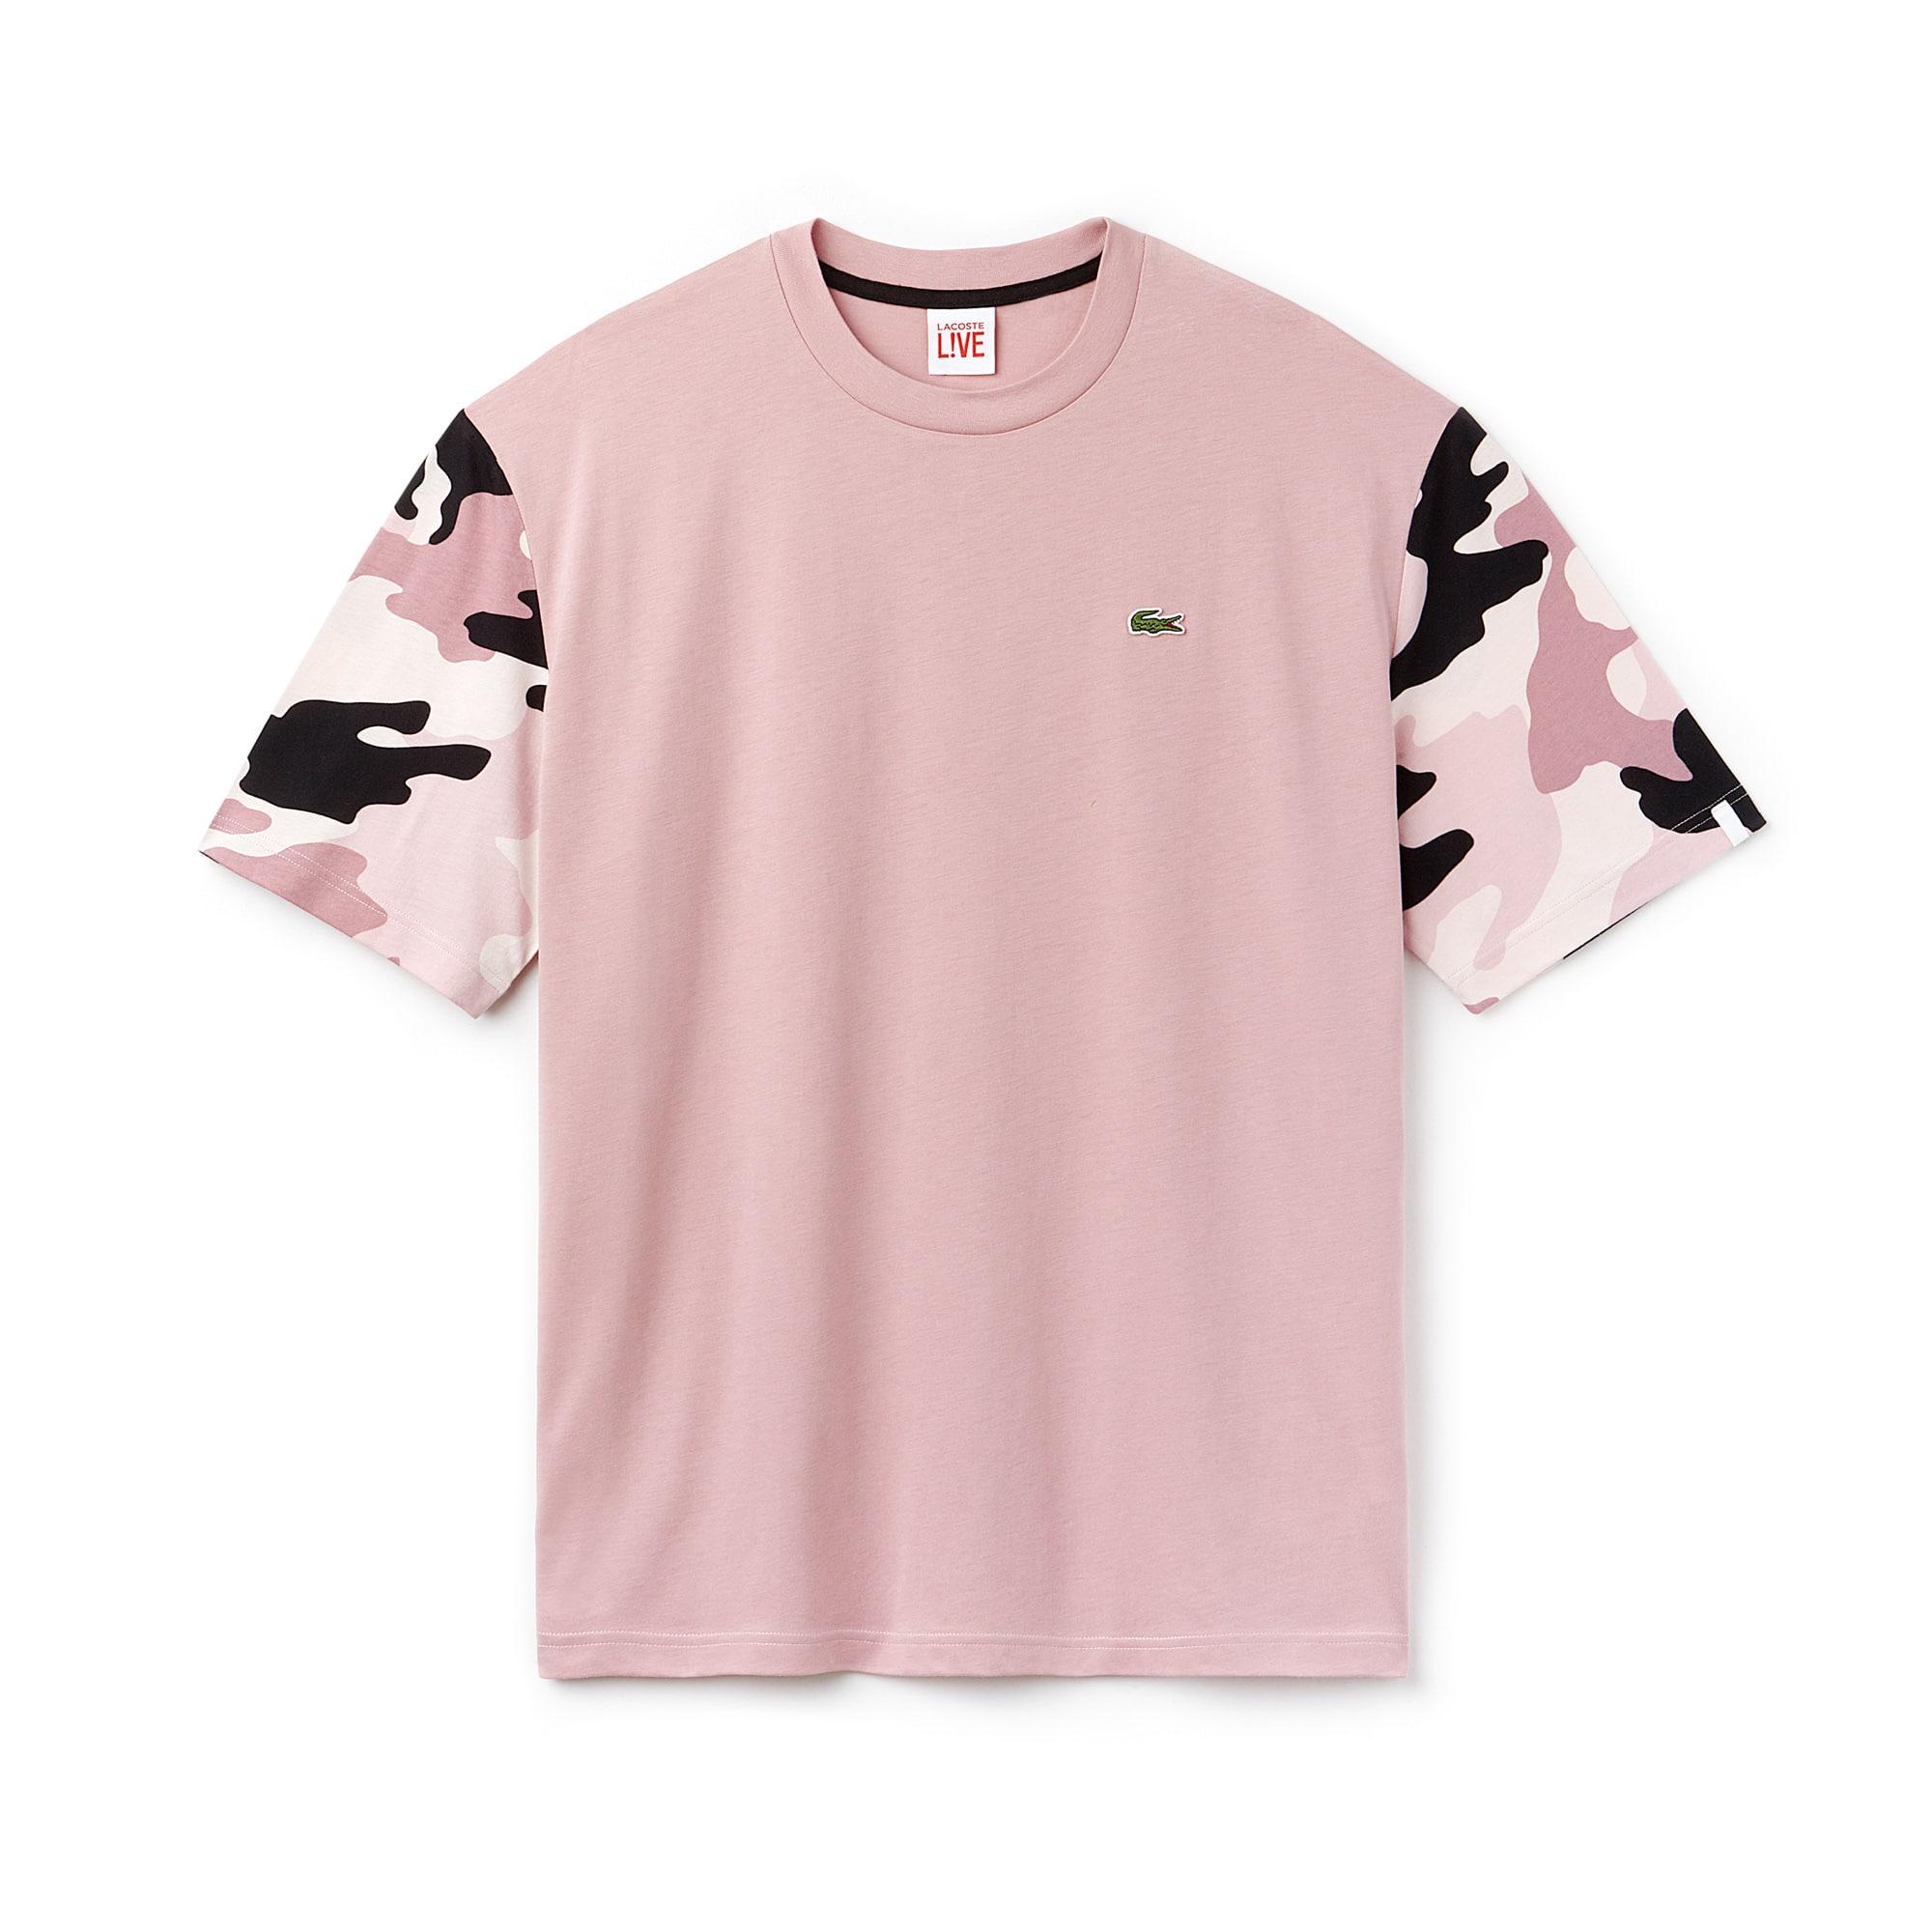 Herren-Rundhals-T-Shirt mit bedruckten Ärmeln LACOSTE L!VE